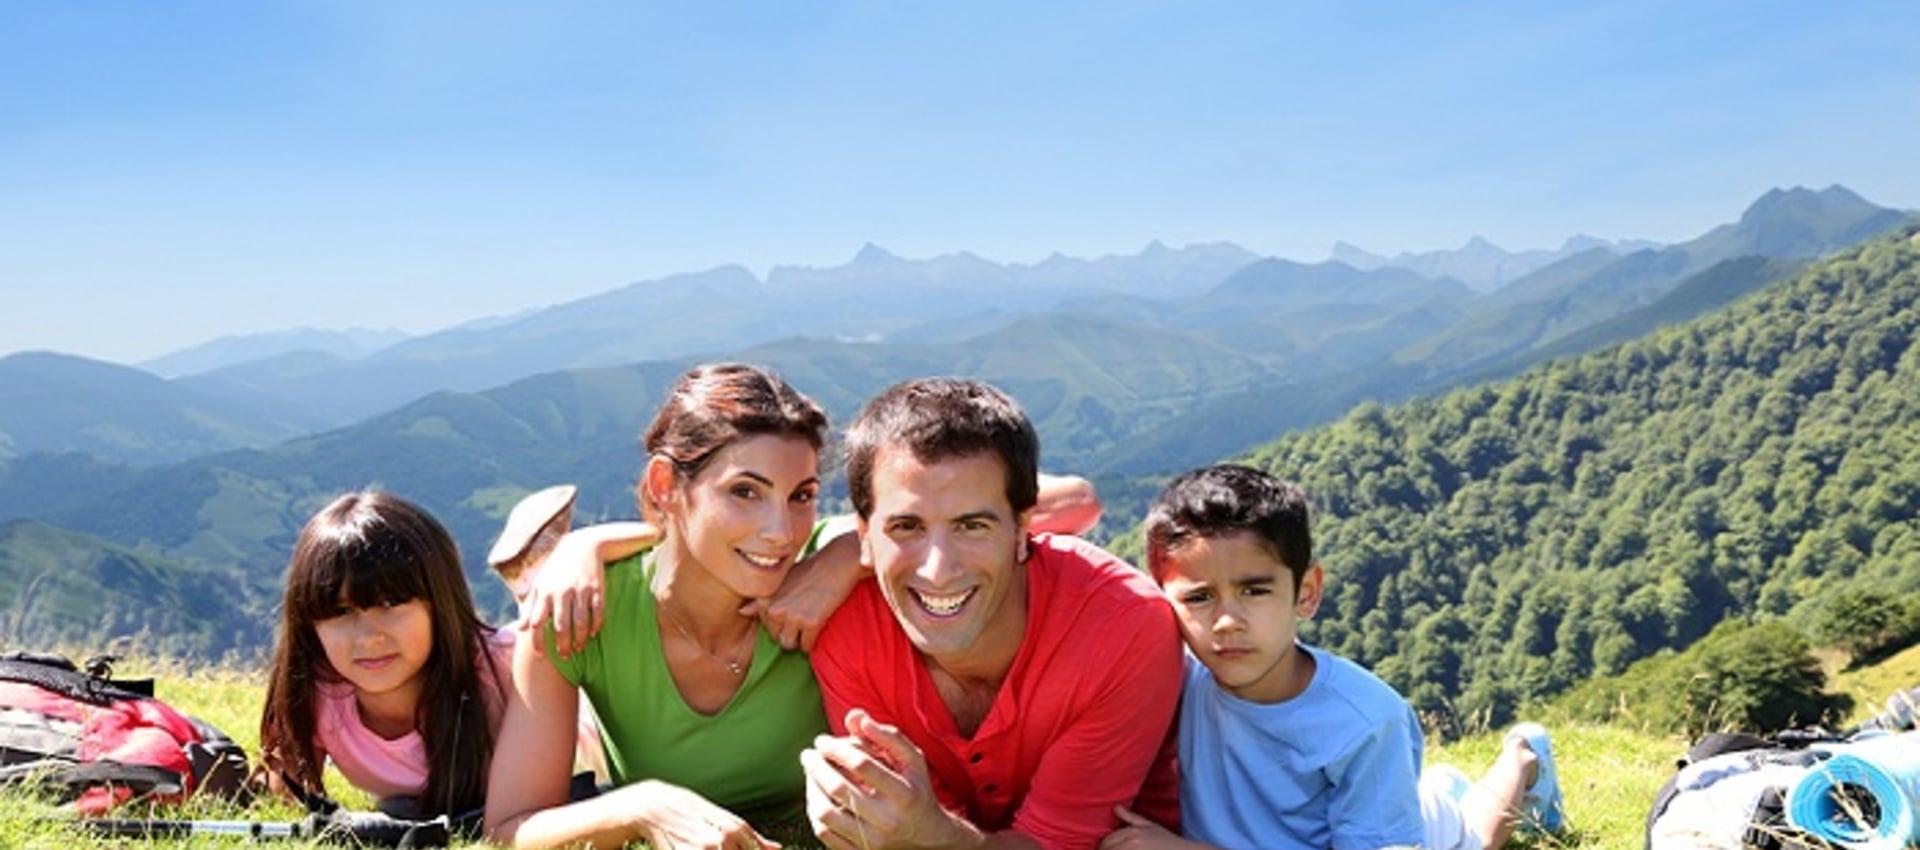 Vacanze in famiglia adamello resort 4 a ponte di legno for Vacanze in famiglia